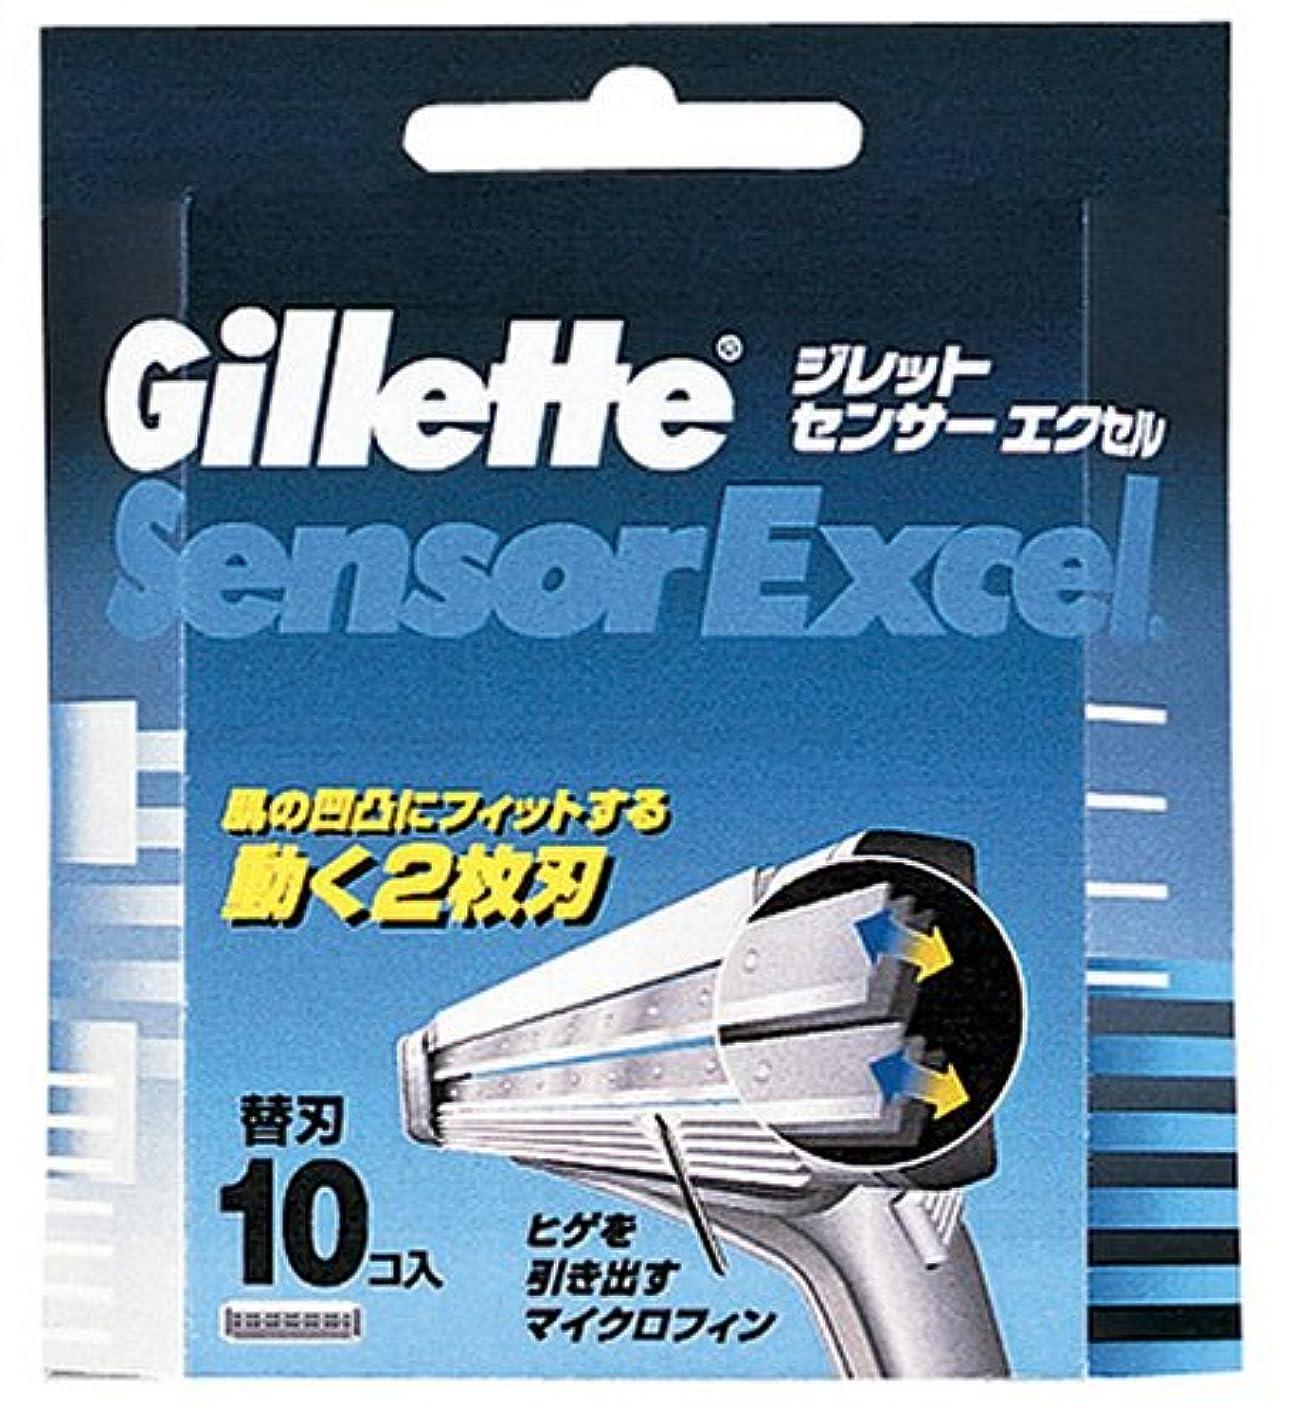 スキップしないでください強風ジレット 髭剃り D58センサーエクセル専用替刃10個入